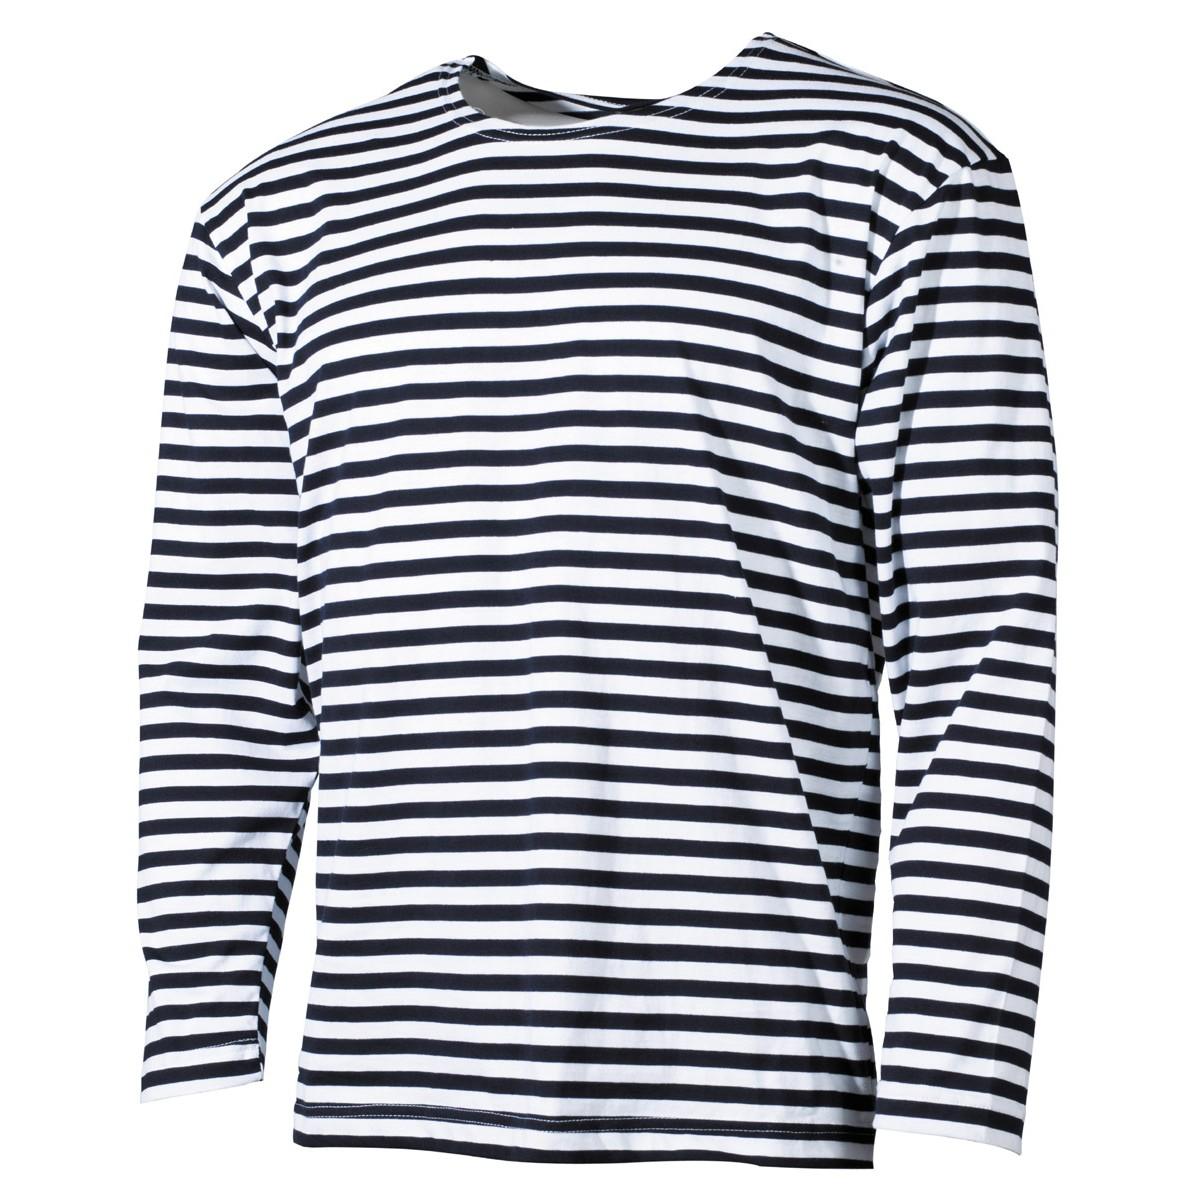 Ruské námořnické tričko s dlouhým rukávem MFH letní, XL